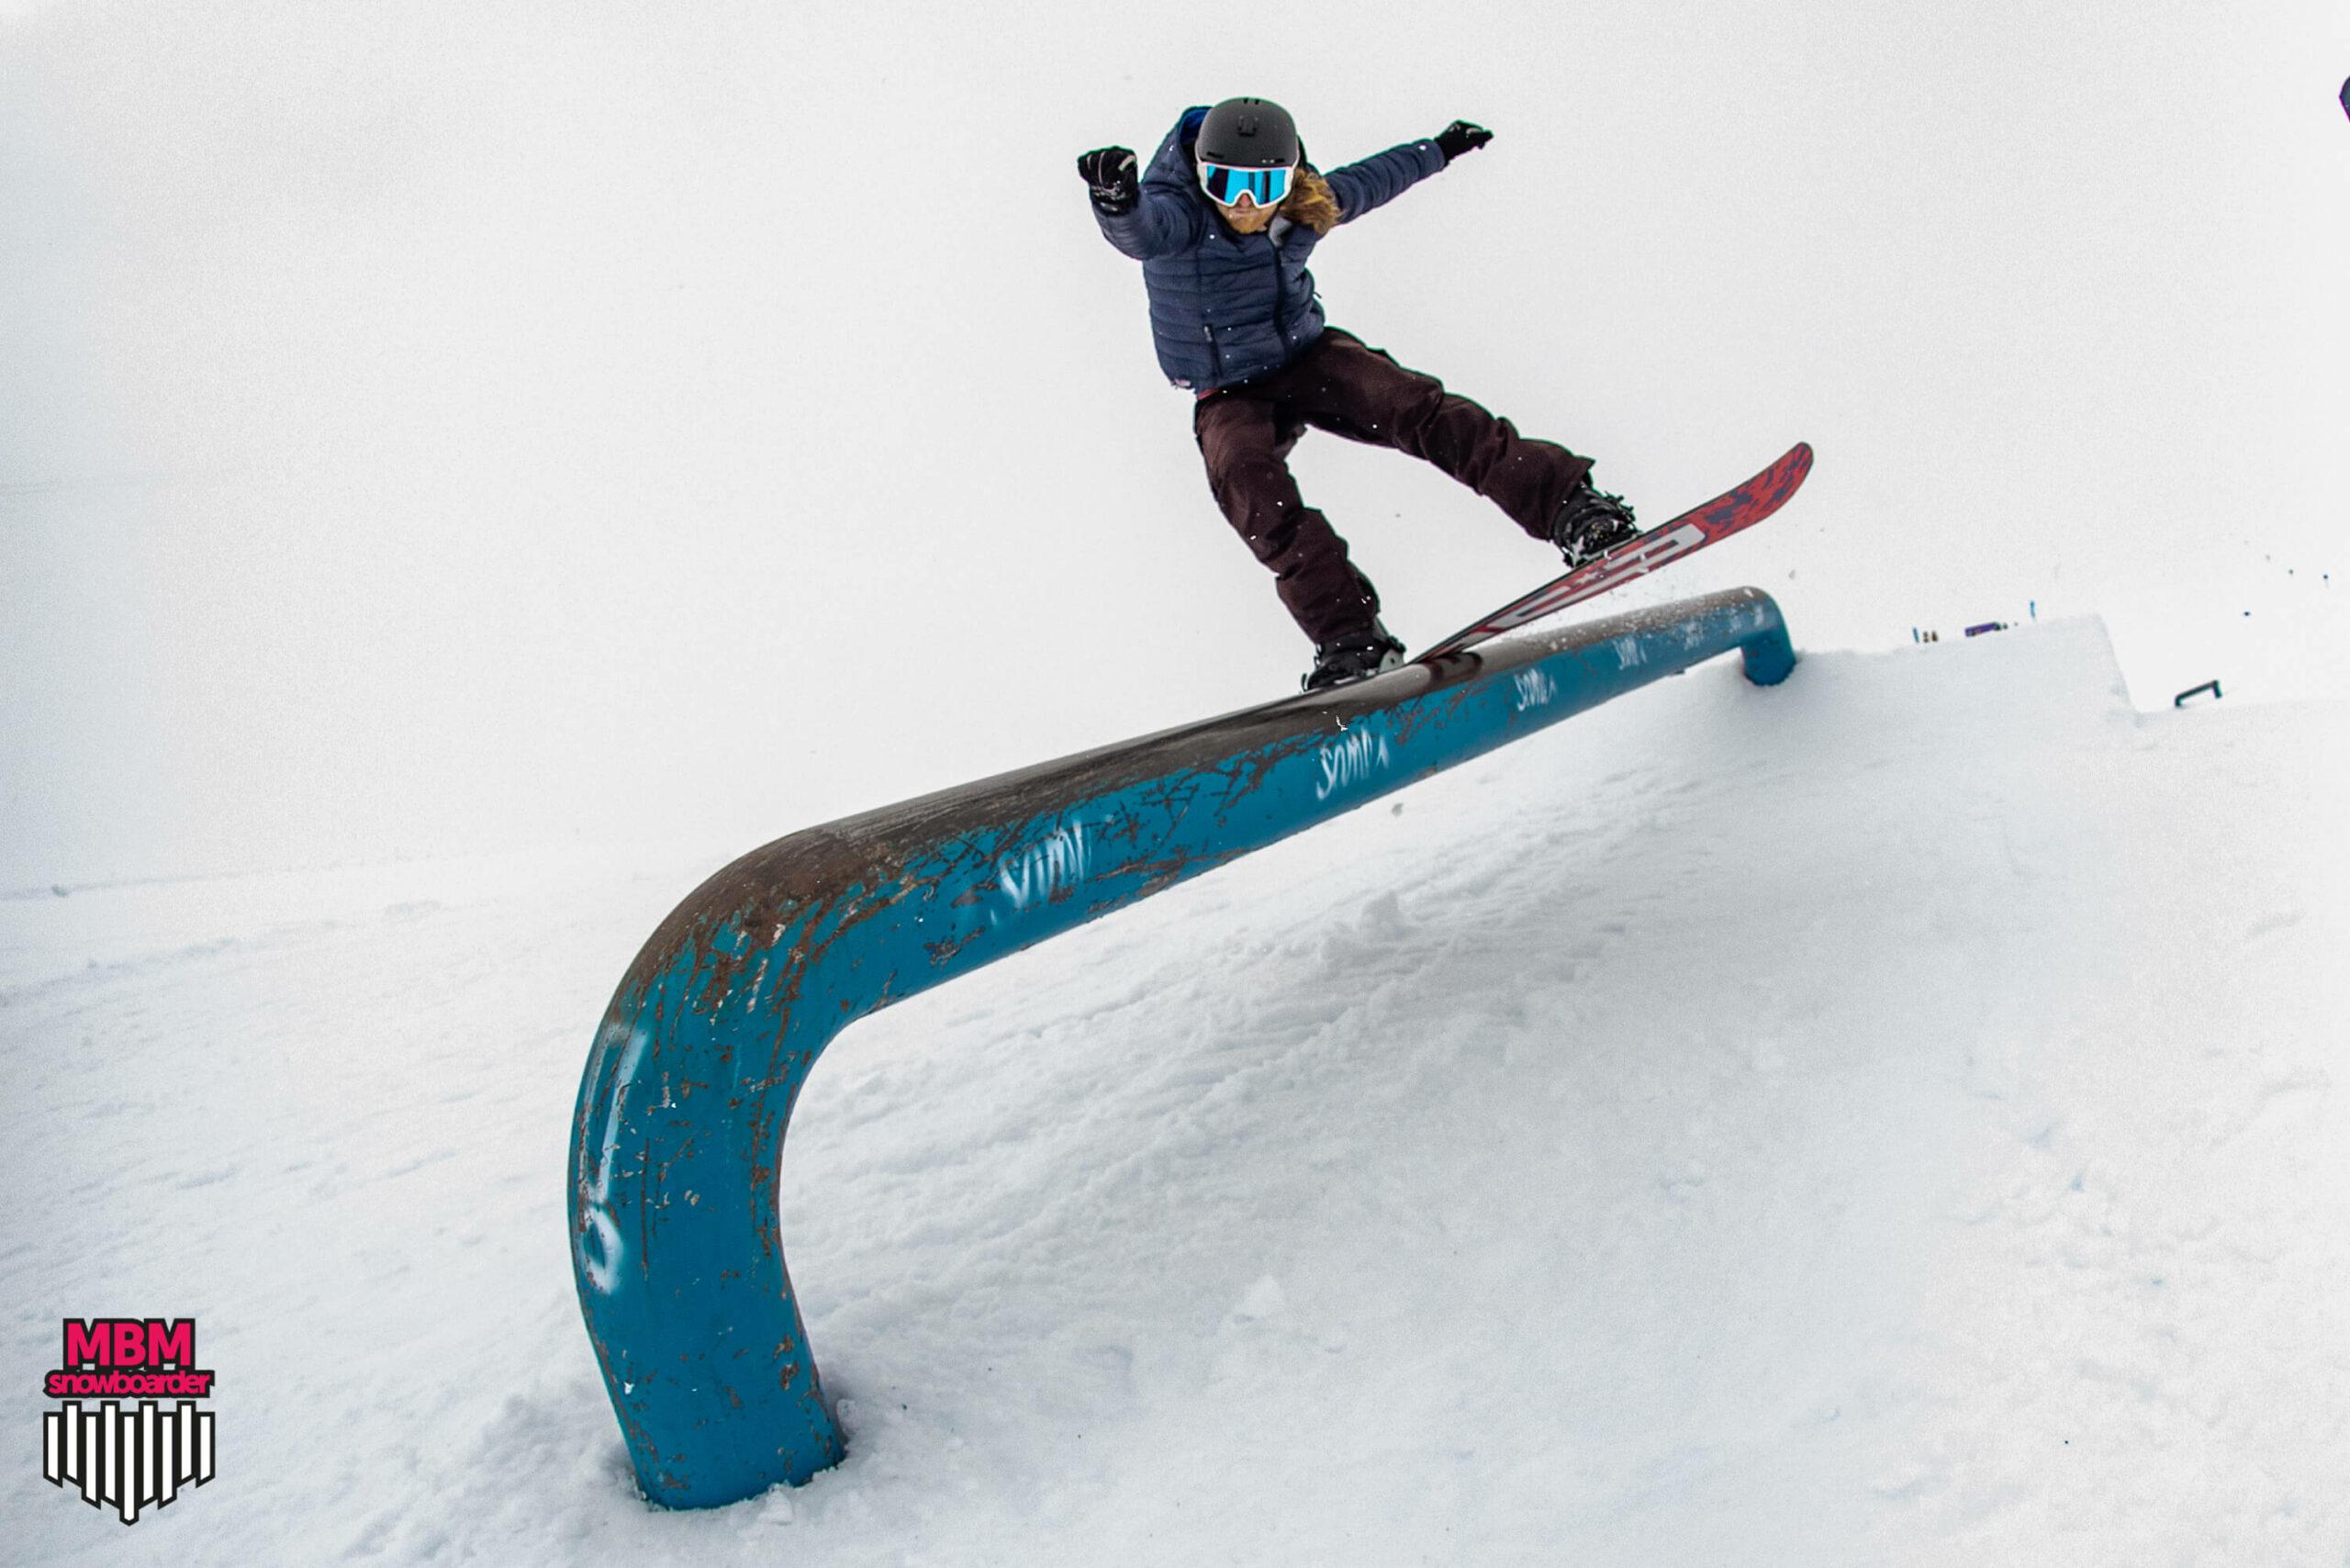 snowboarderMBM_sd_kaunertal_107